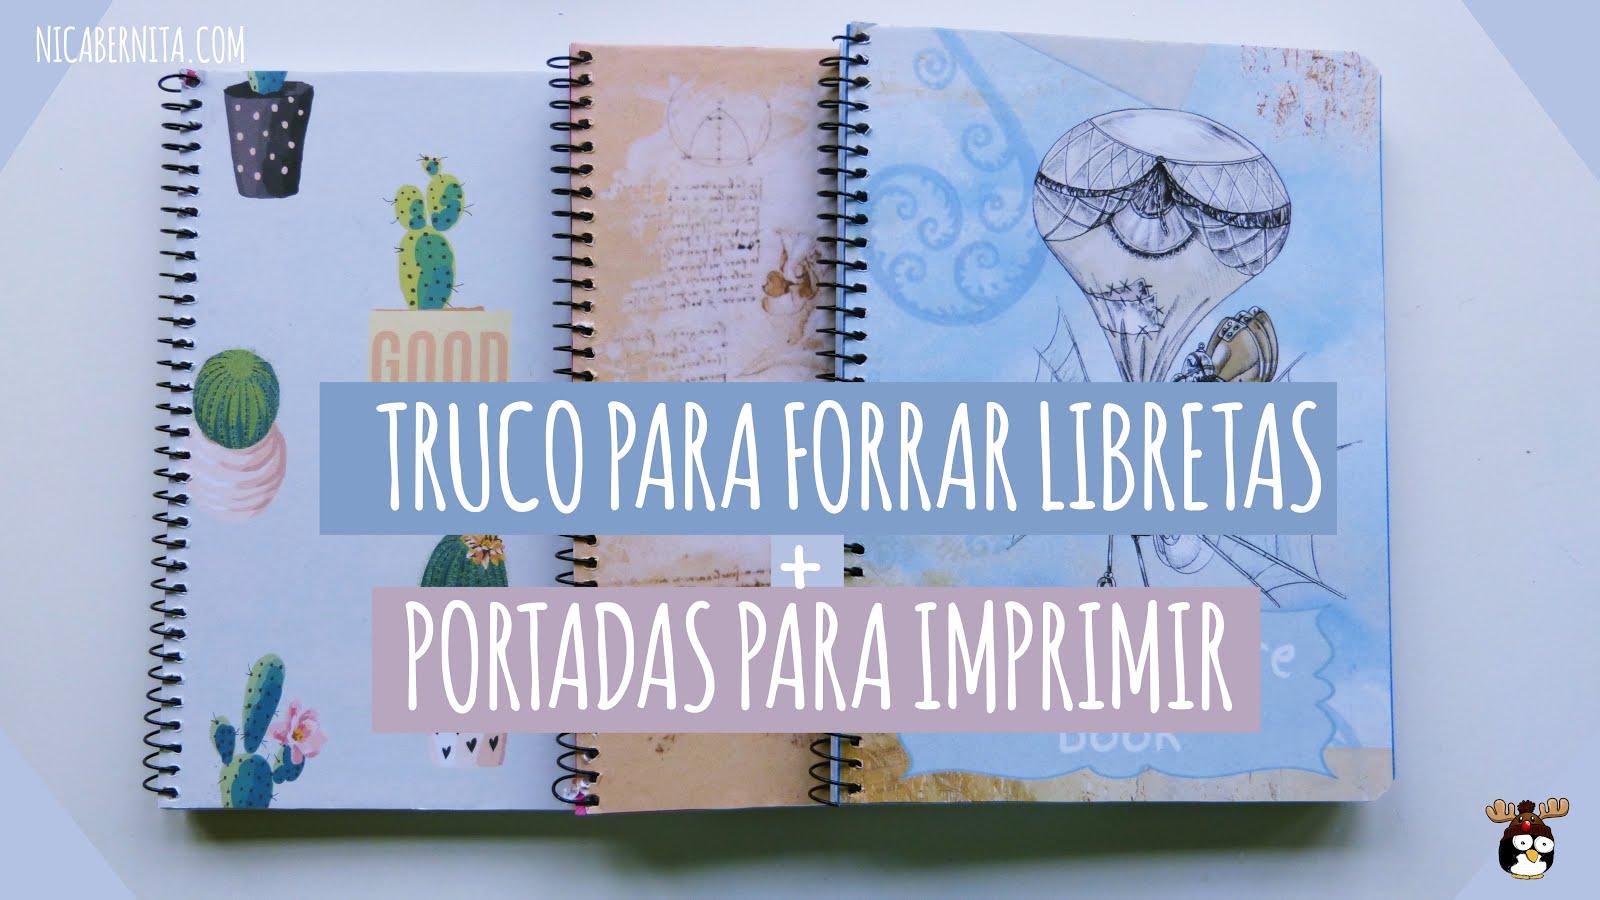 Portadas Para Cuadernos Y Libretas Con DiseÑos Marinos: RENUEVA TUS CUADERNOS: Truco Para Decorar Portadas Con